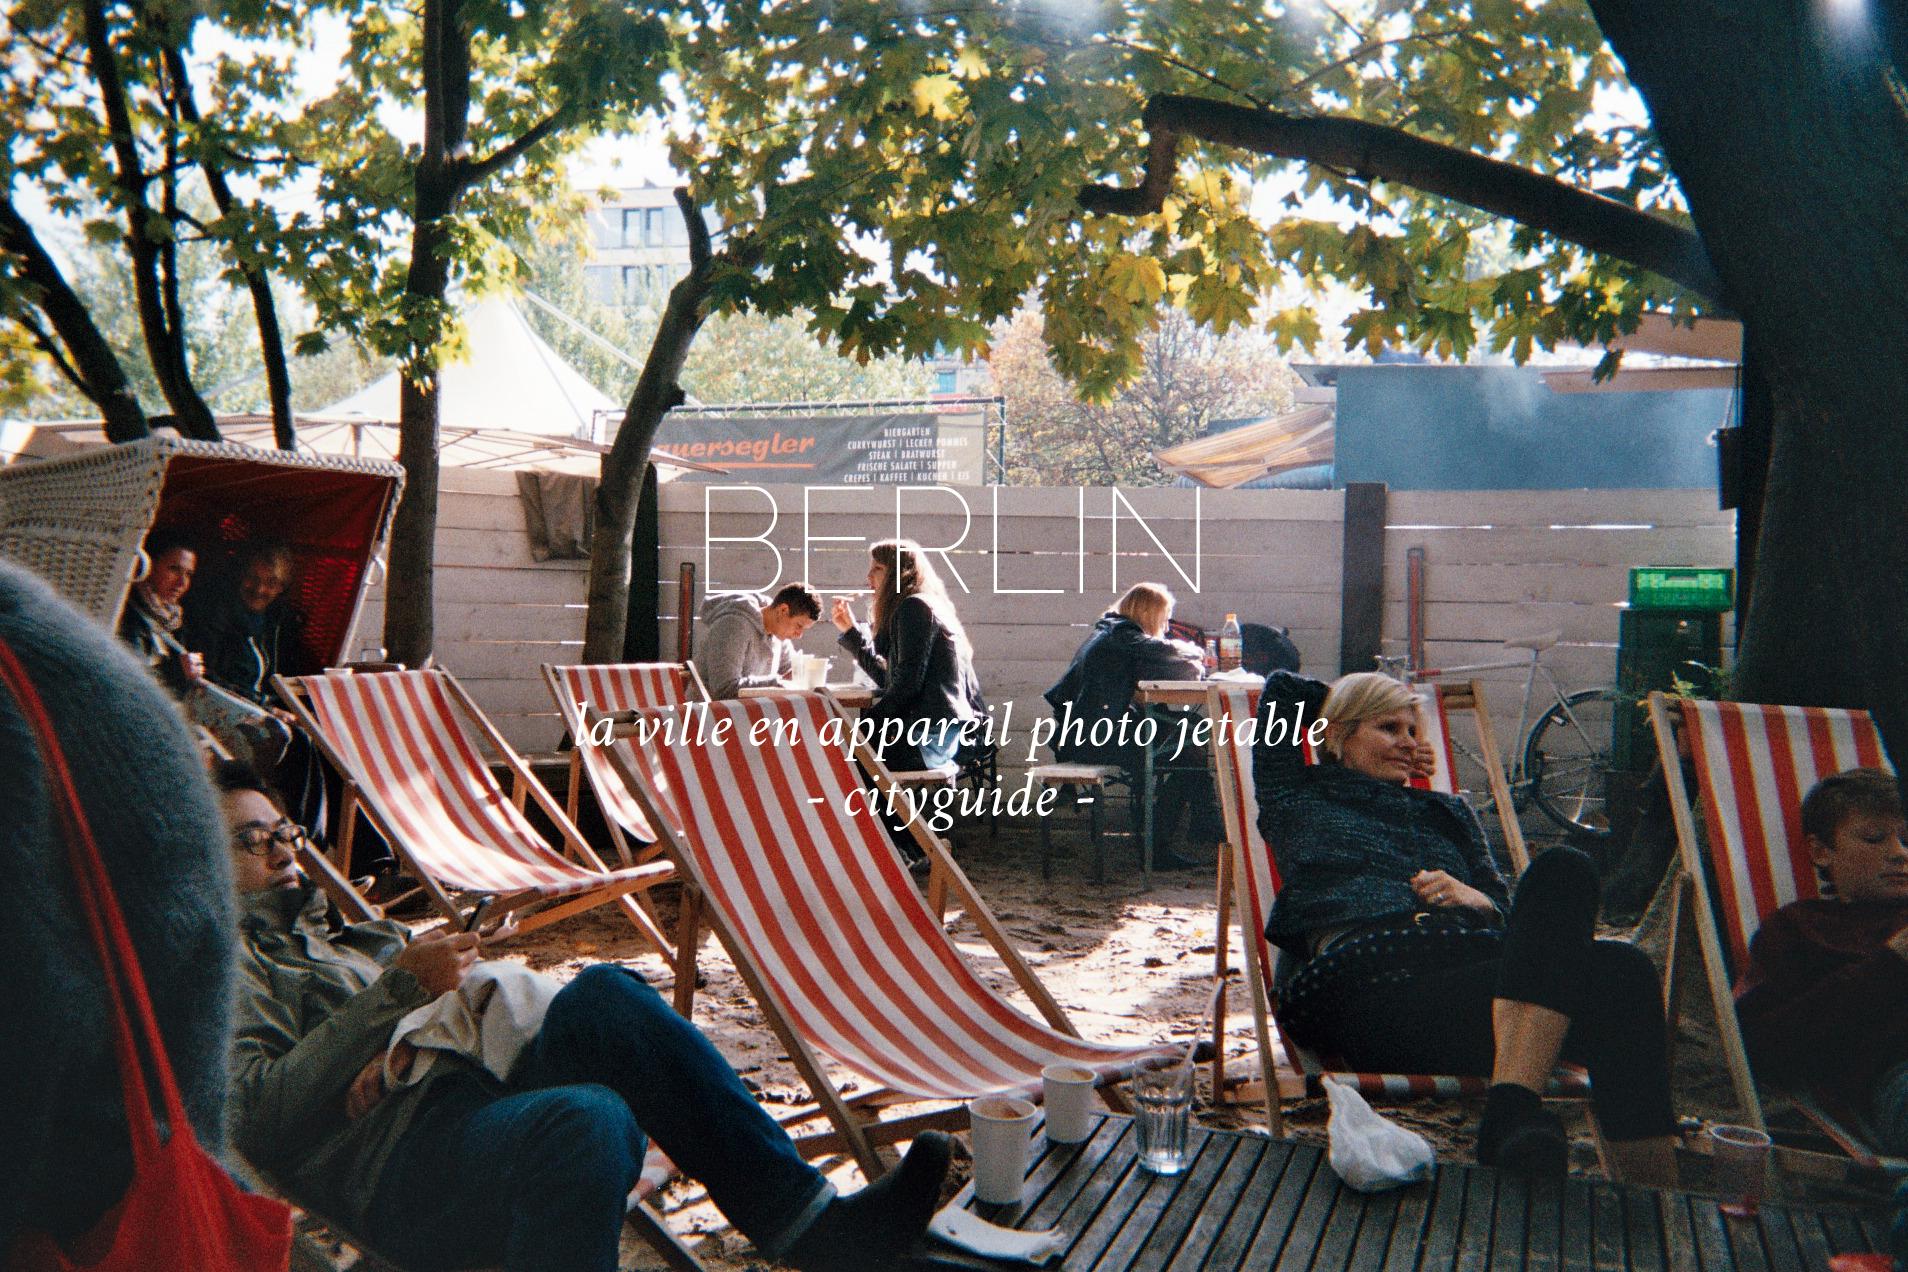 Carnet-voyage-Berlin-avec-un-appareil-photo-jetable-argentique-cityguide-by-le-polyedre visuel